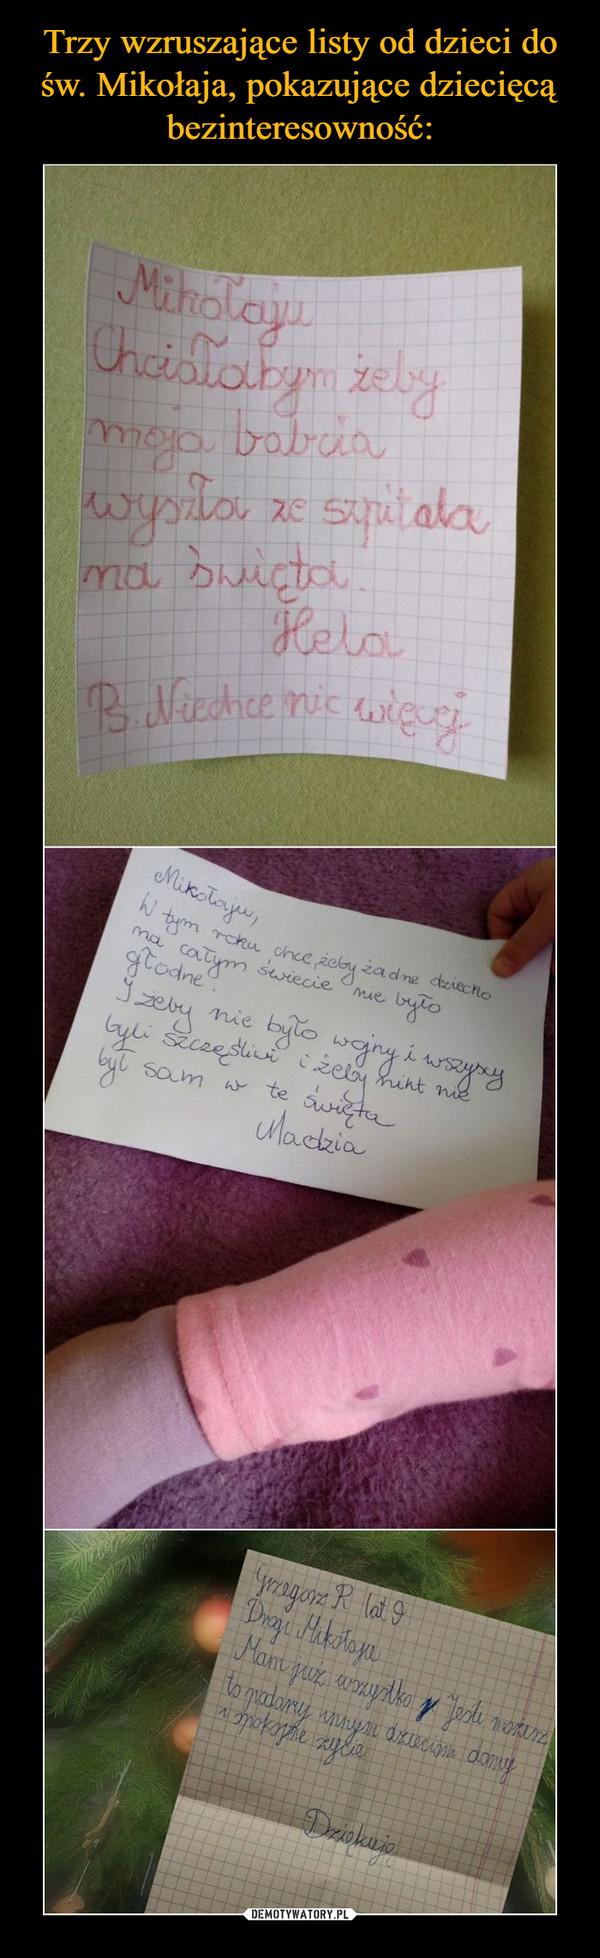 Trzy wzruszające listy od dzieci do św. Mikołaja, pokazujące dziecięcą bezinteresowność: